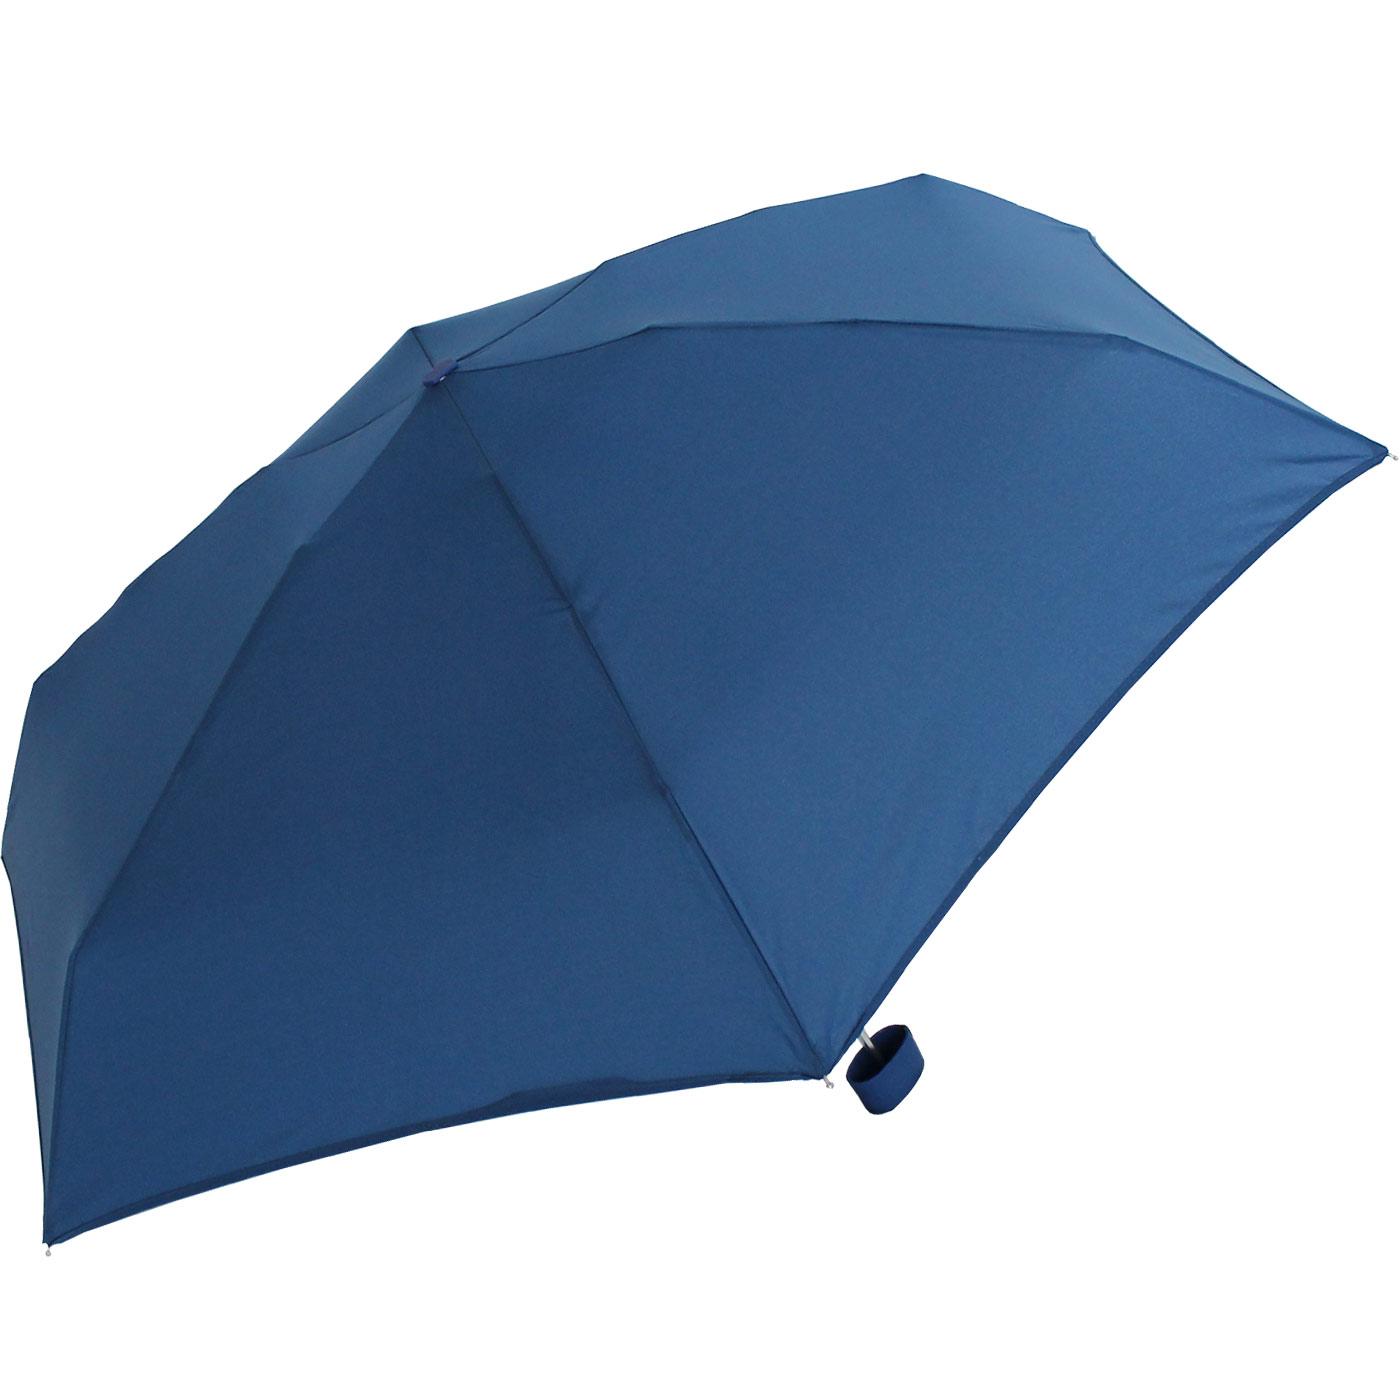 Regenschirm-Super-Mini-Taschenschirm-Damen-Herren-winzig-klein-leicht-im-Etui Indexbild 19